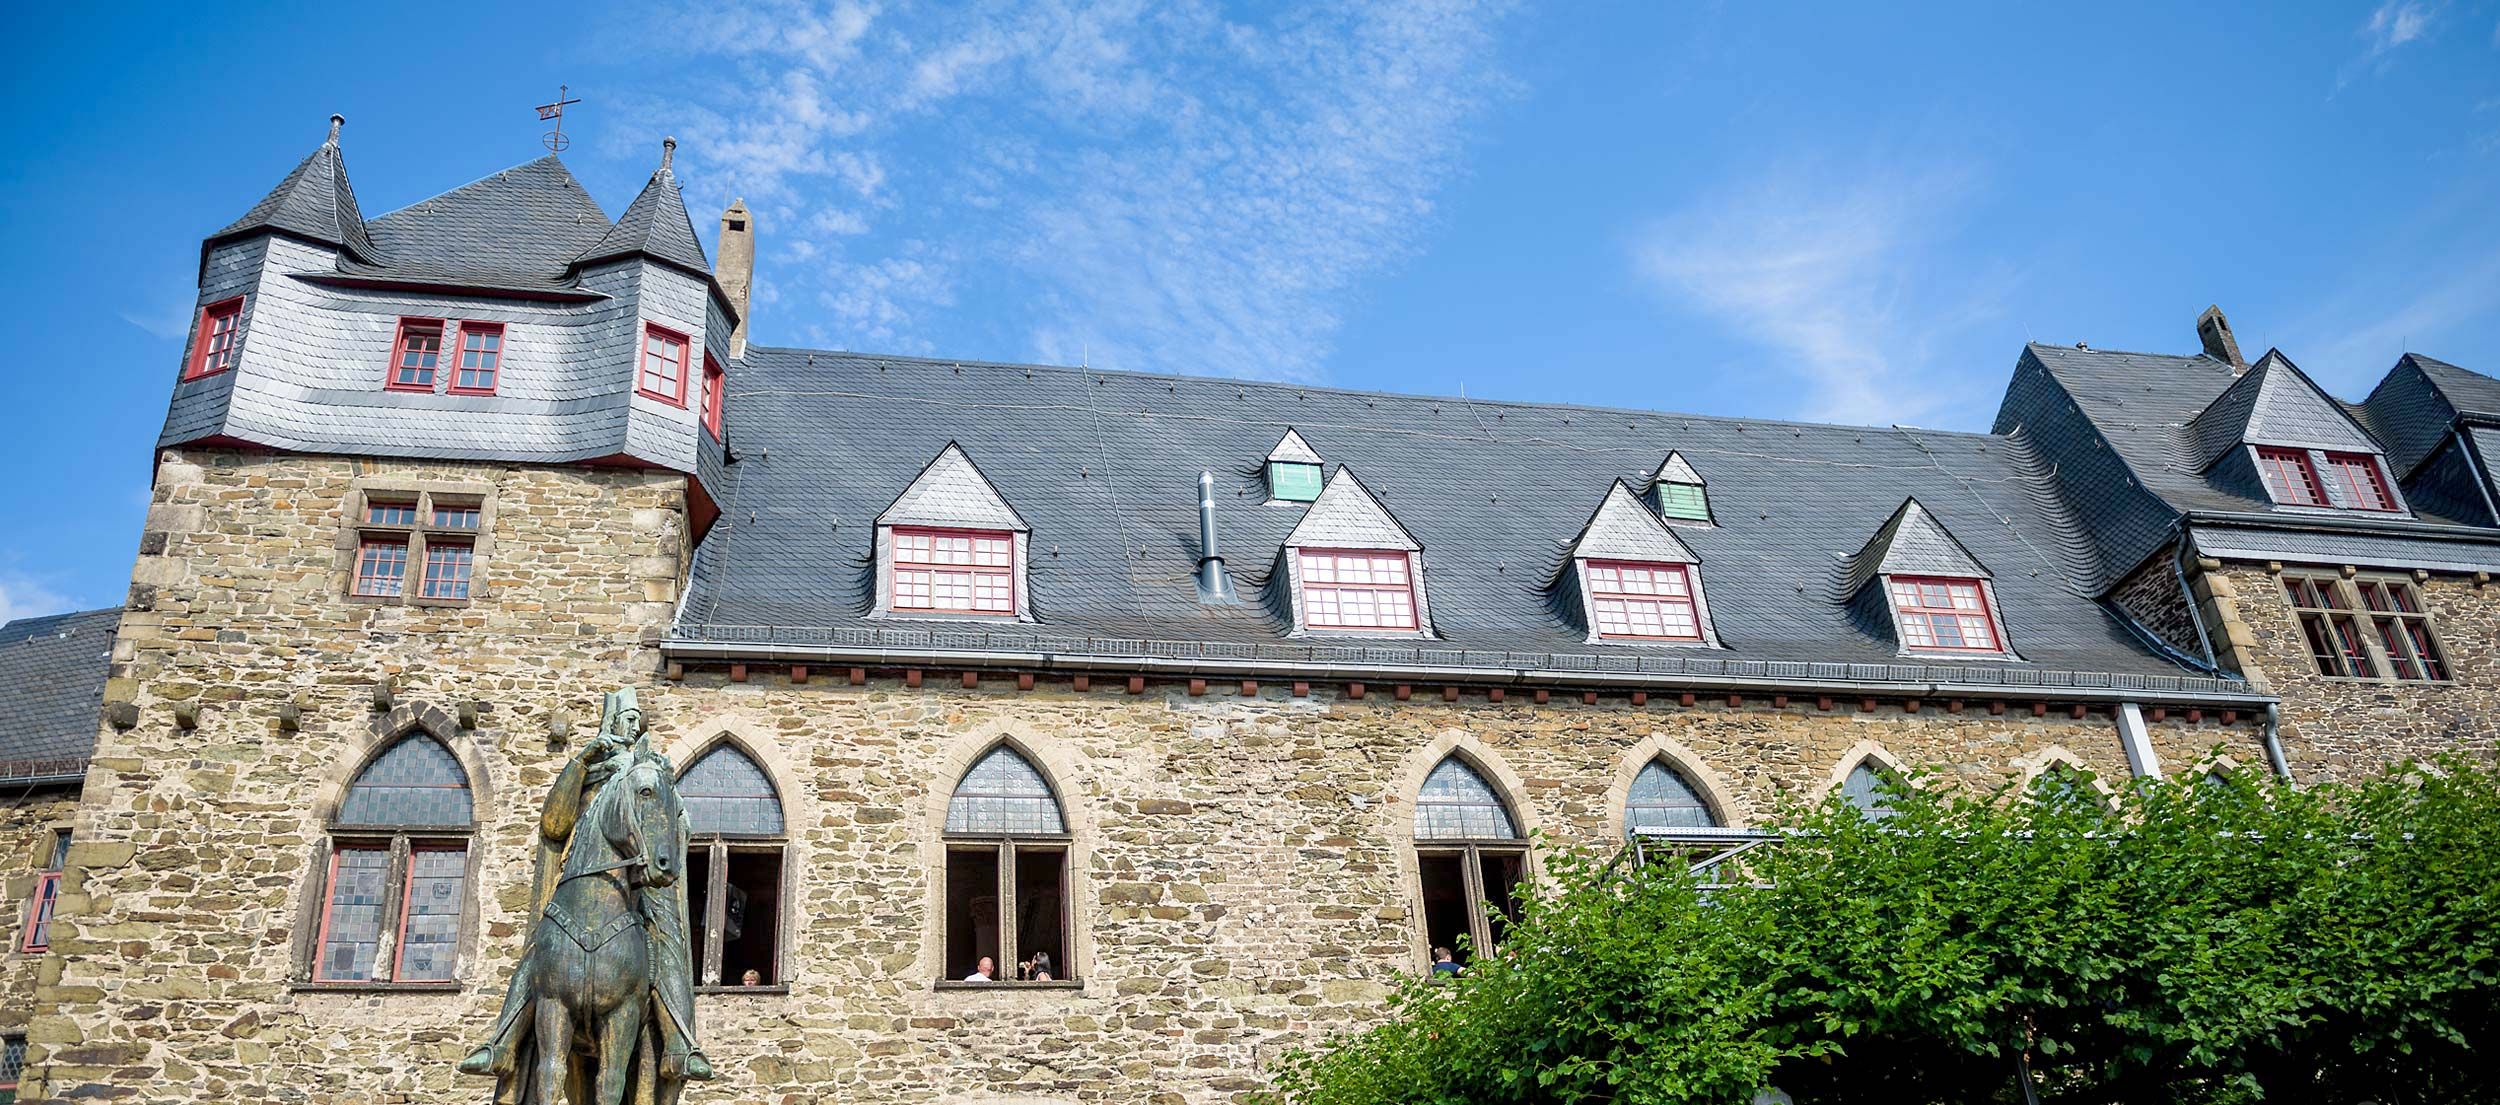 Außenansicht von Schloss Burg mit St. Engelbert im Bild.